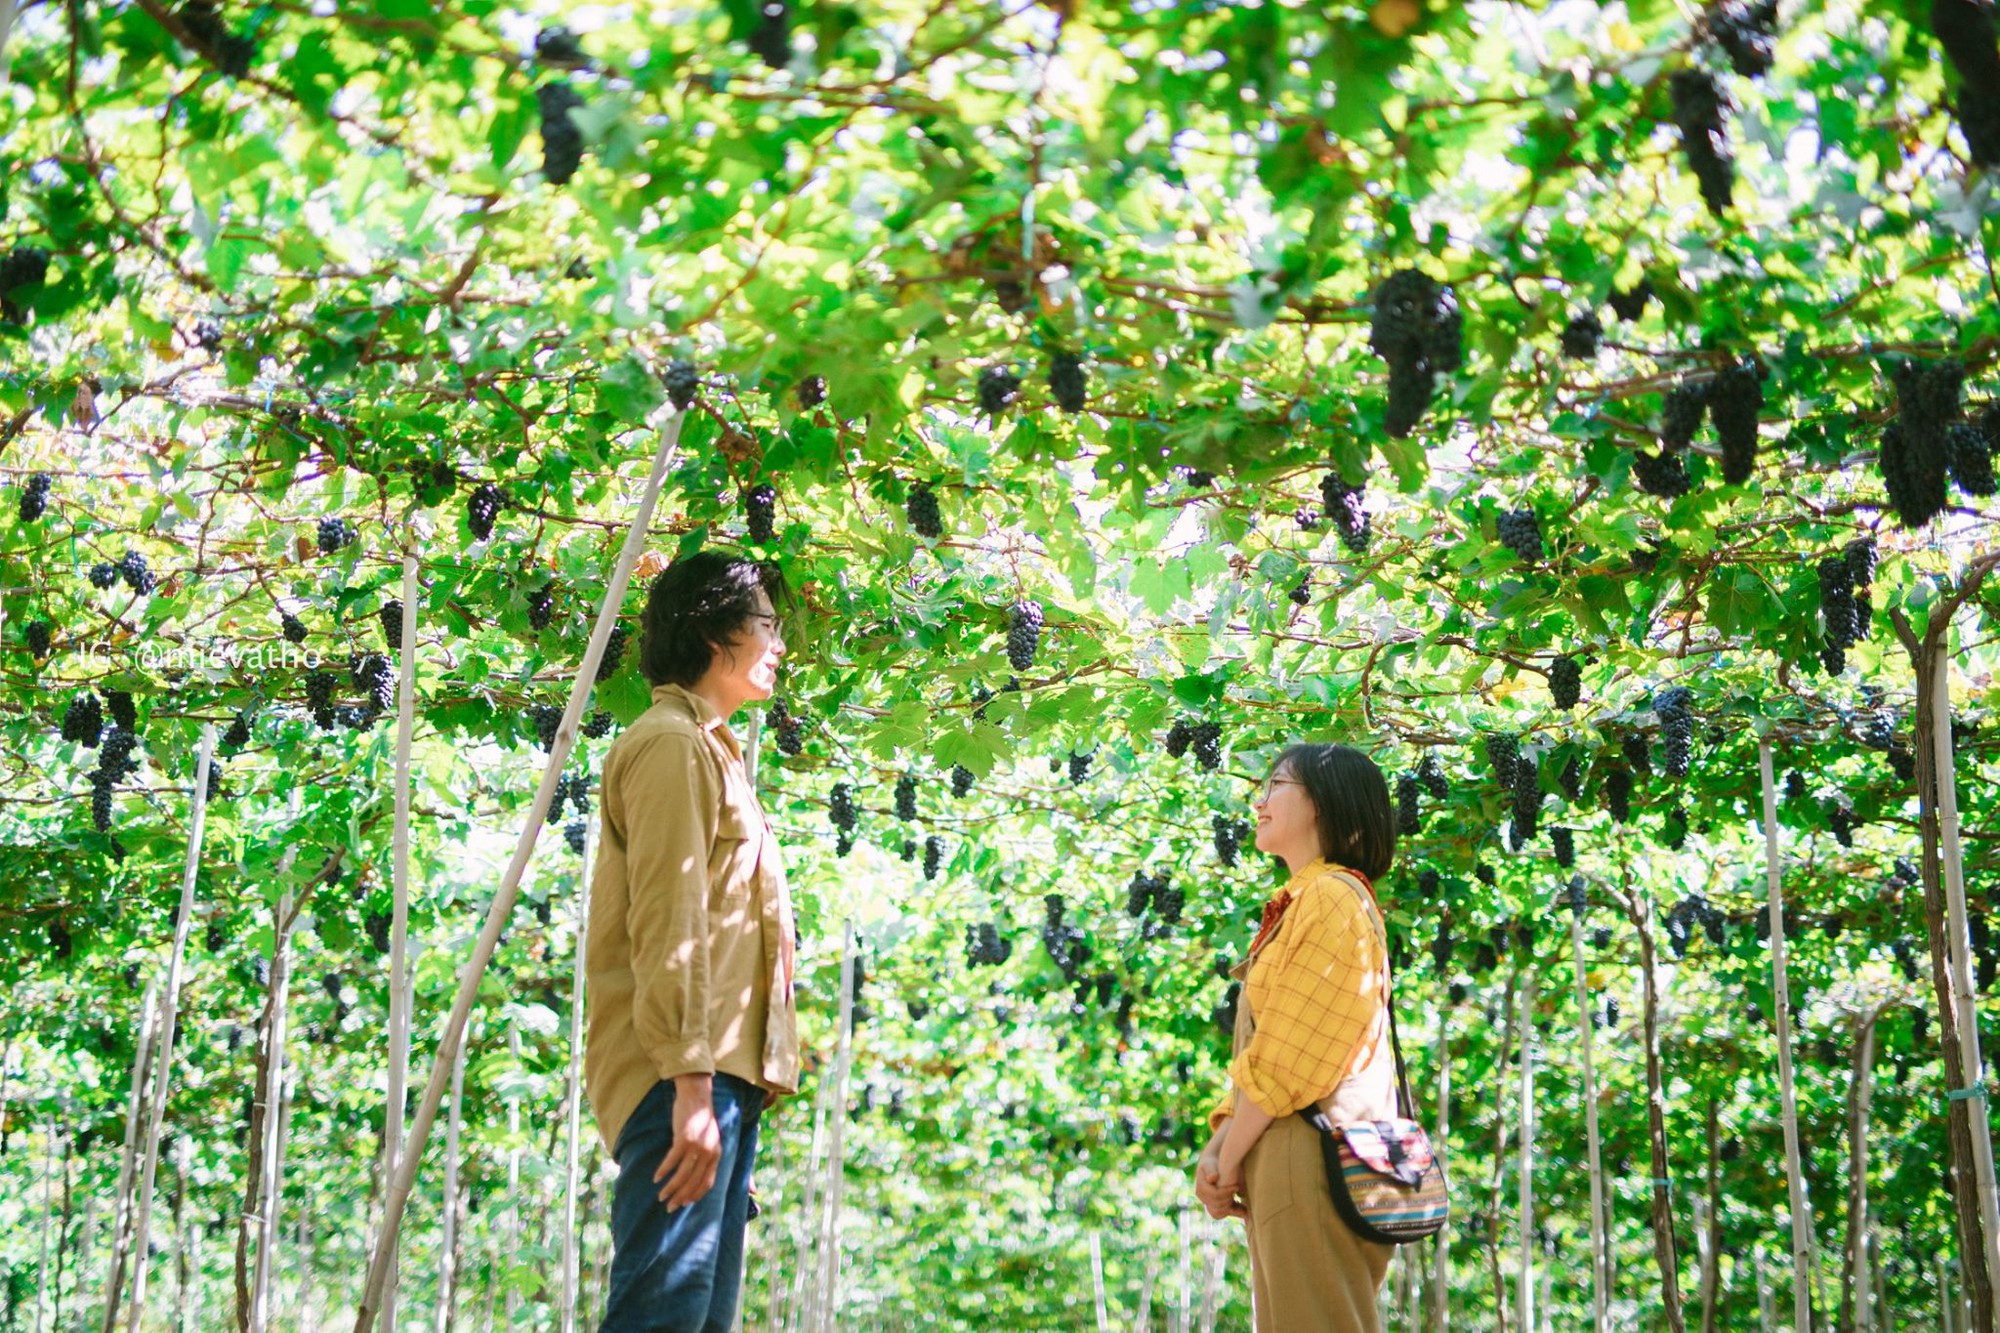 Bộ ảnh du lịch Ninh Thuận của cặp đôi đến từ Hà Nội khiến dân tình thích thú: Mới nhìn thôi đã thấy chill phết! - Ảnh 8.